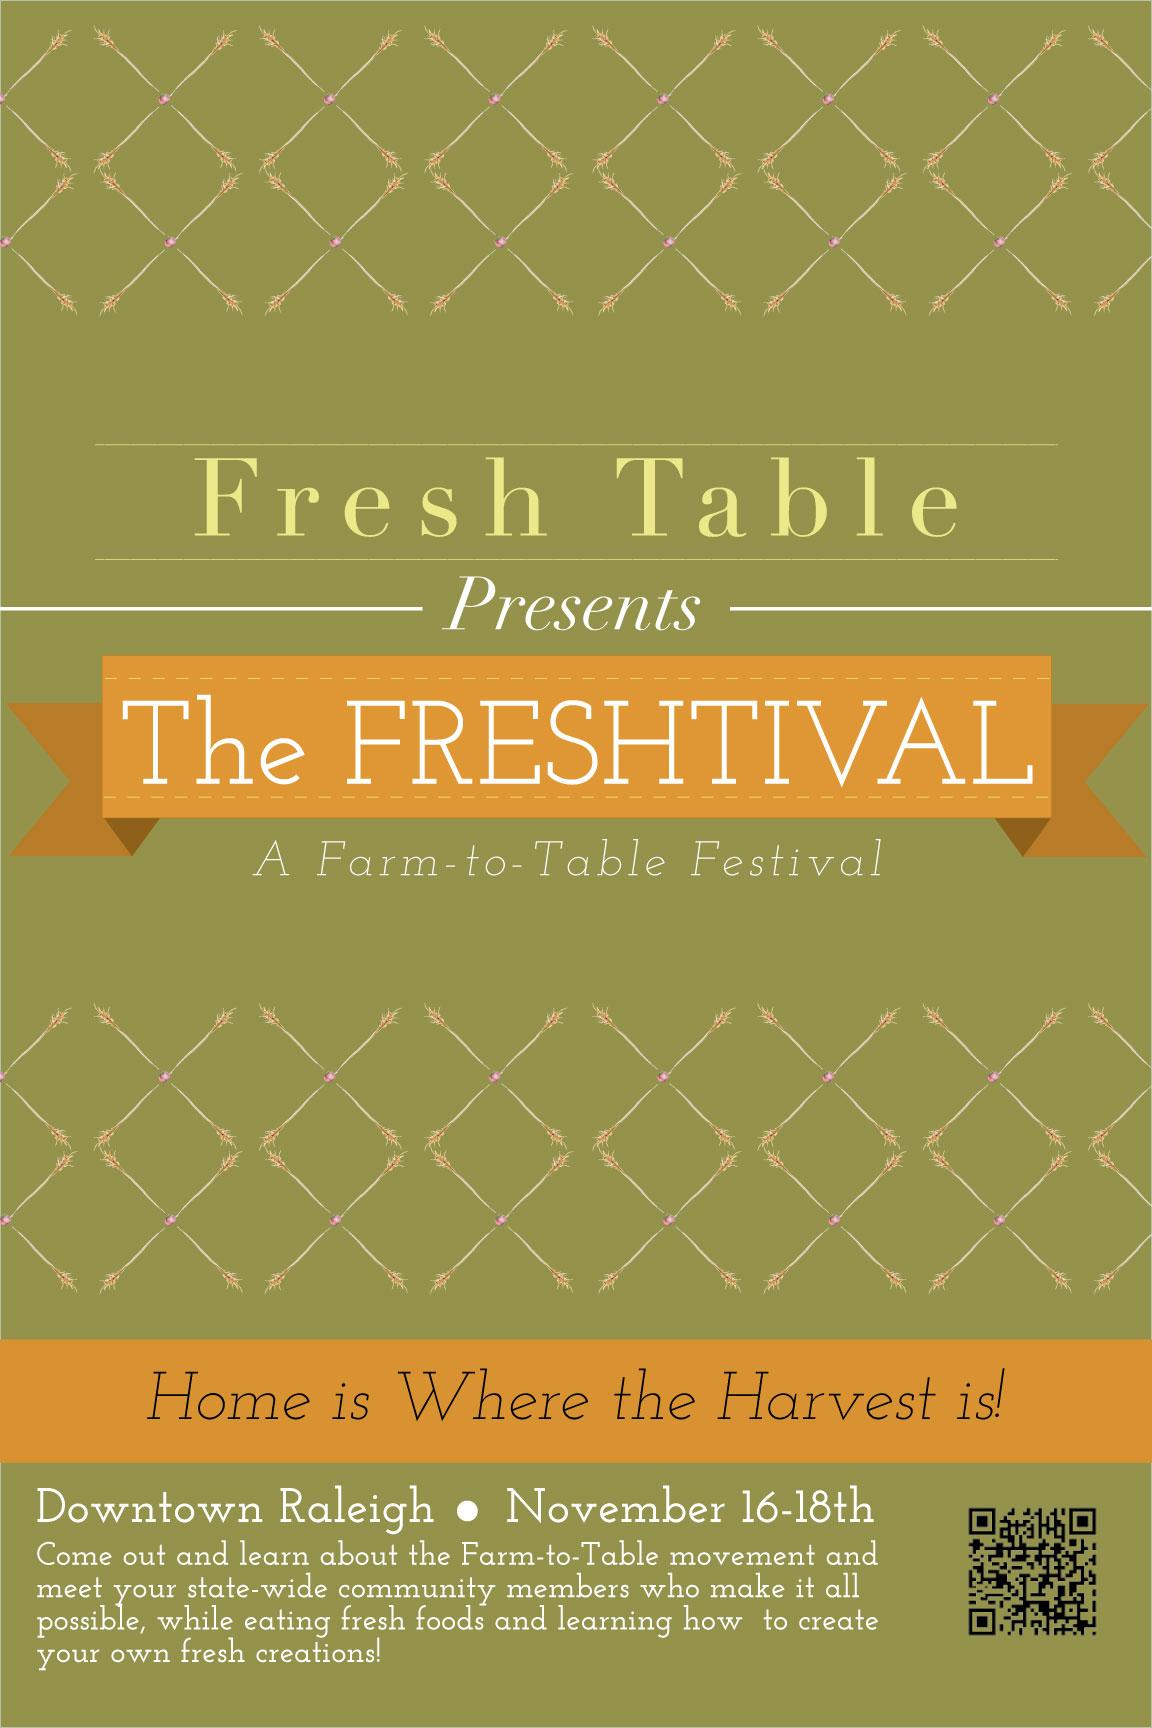 FRESH_TABLE_FRESHTIVAL_POSTERS_FINAL_1.jpg